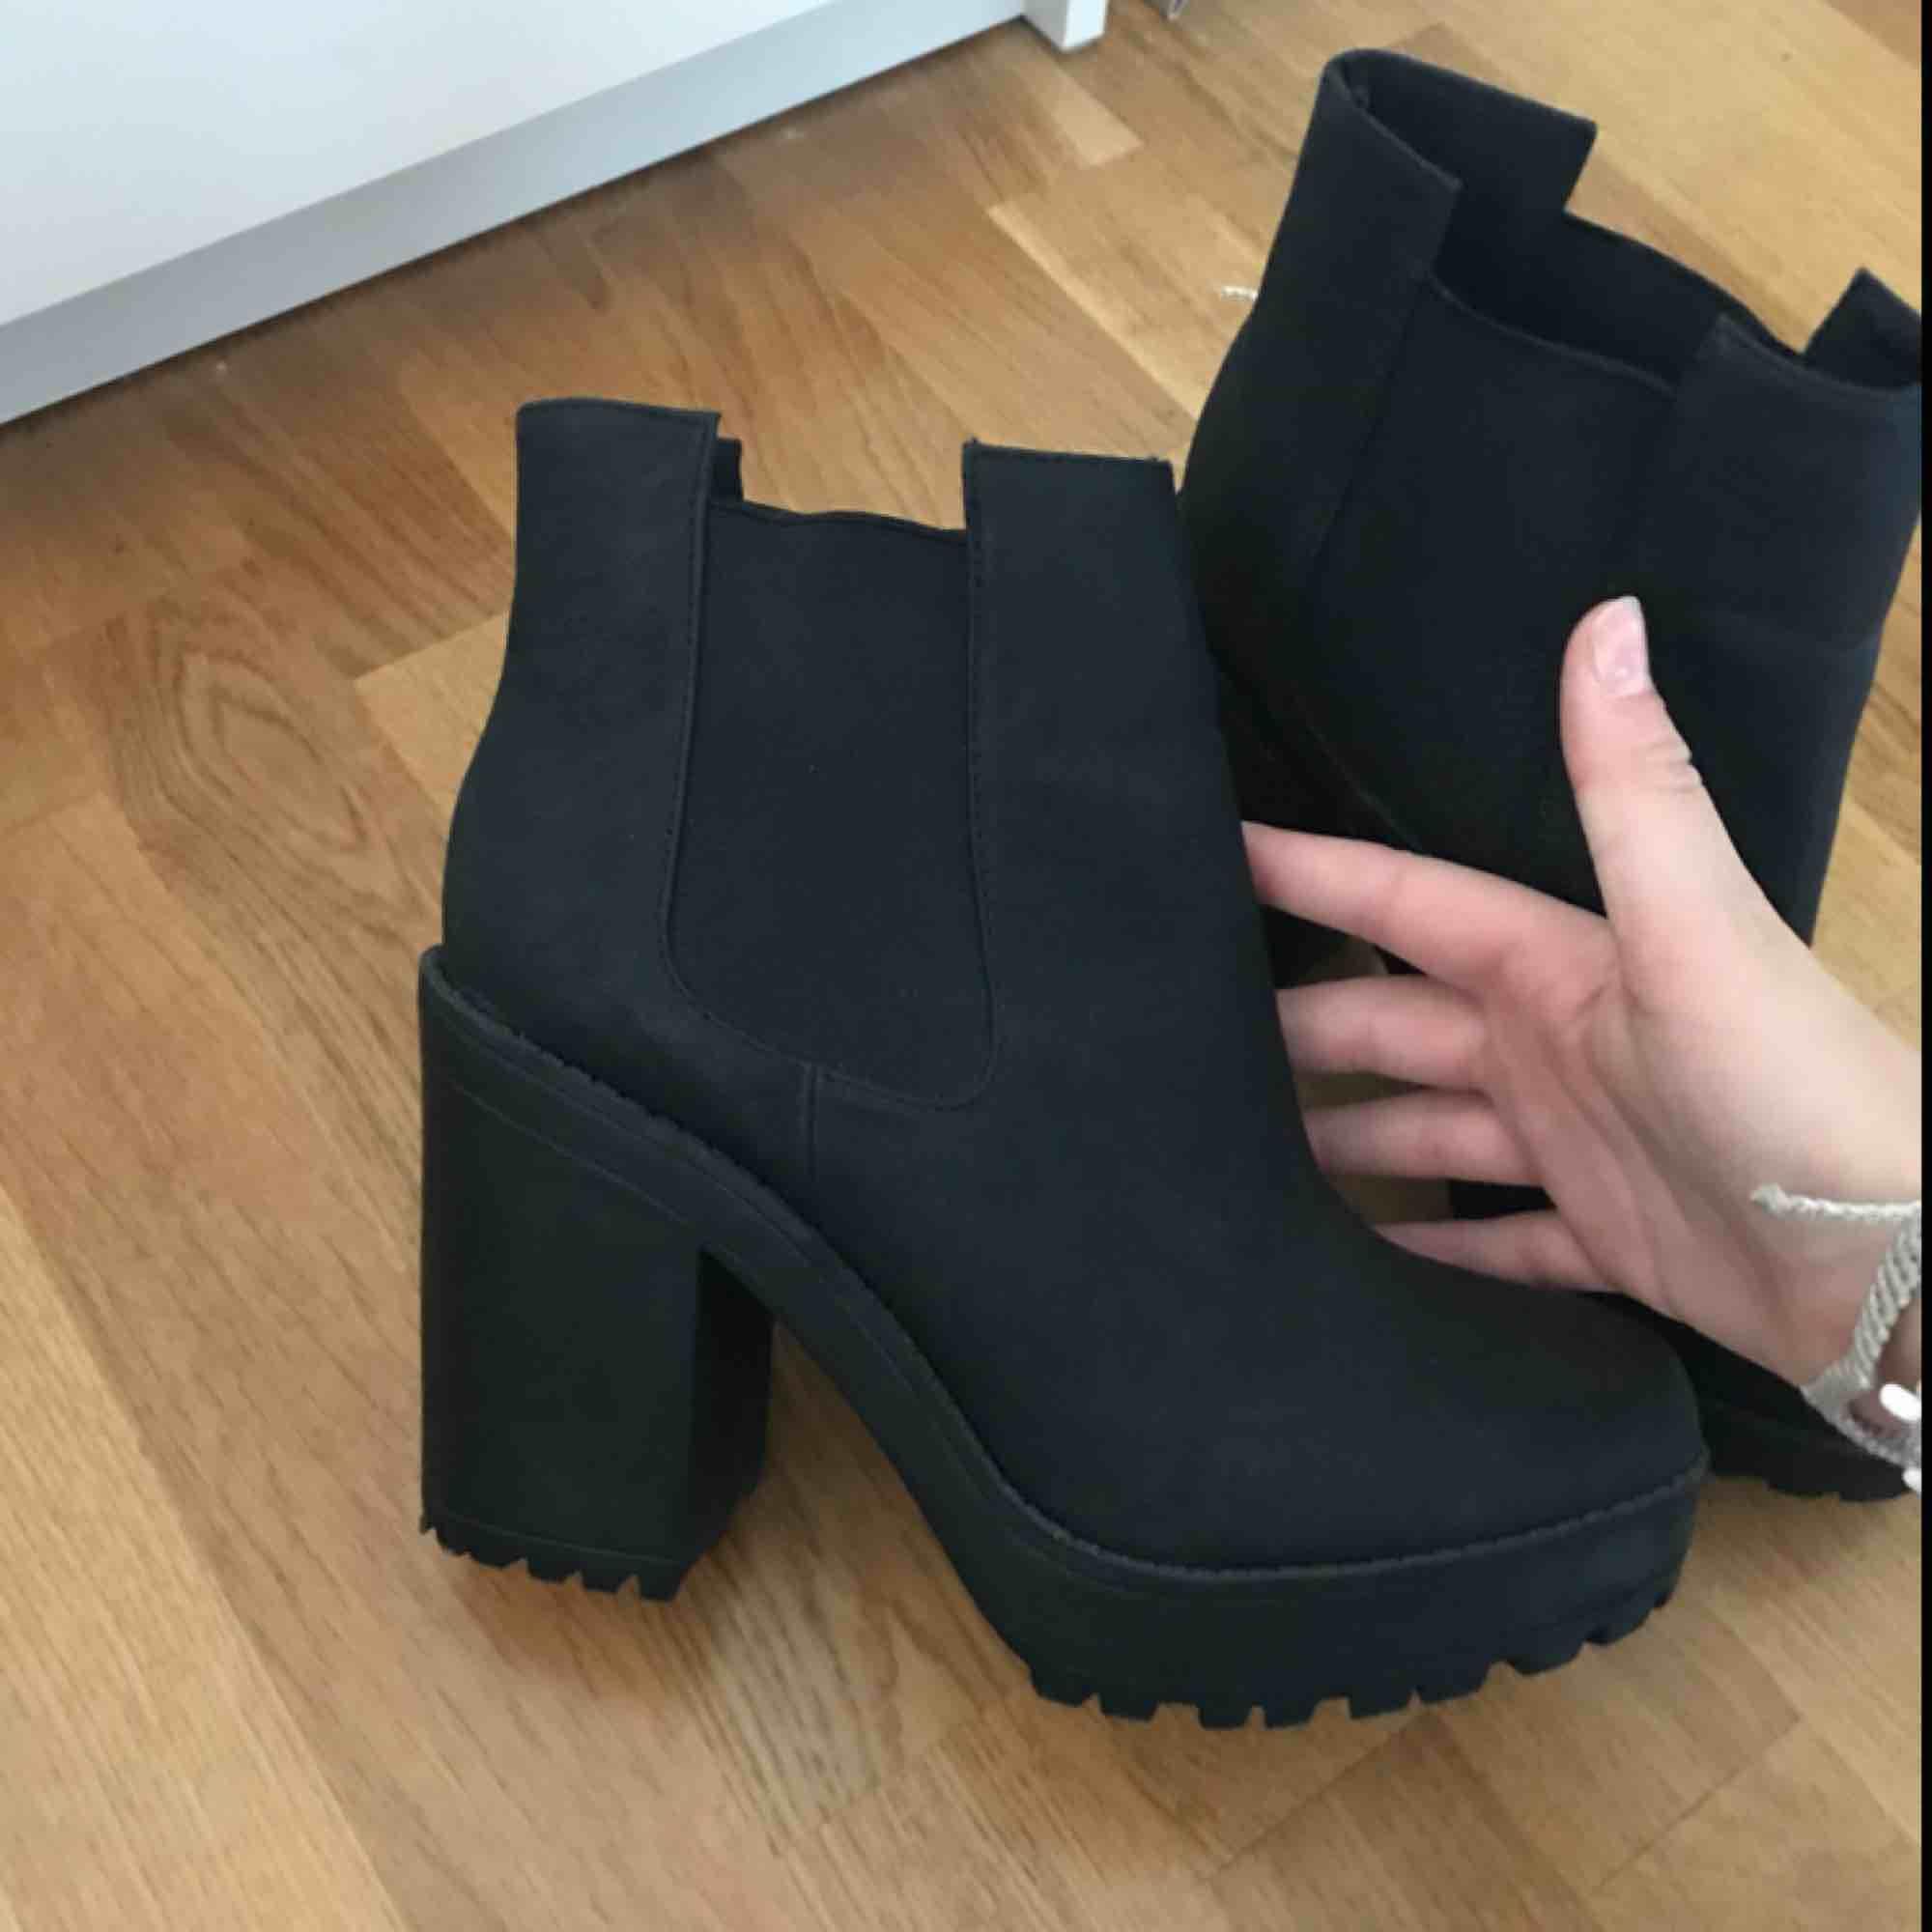 Snygga svarta klackar/boots från HM, Använda ett fåtal gånger. Säljer pga för lite användning av de tyvärr:/ ni kan buda priset! Frakt 0kr . Skor.